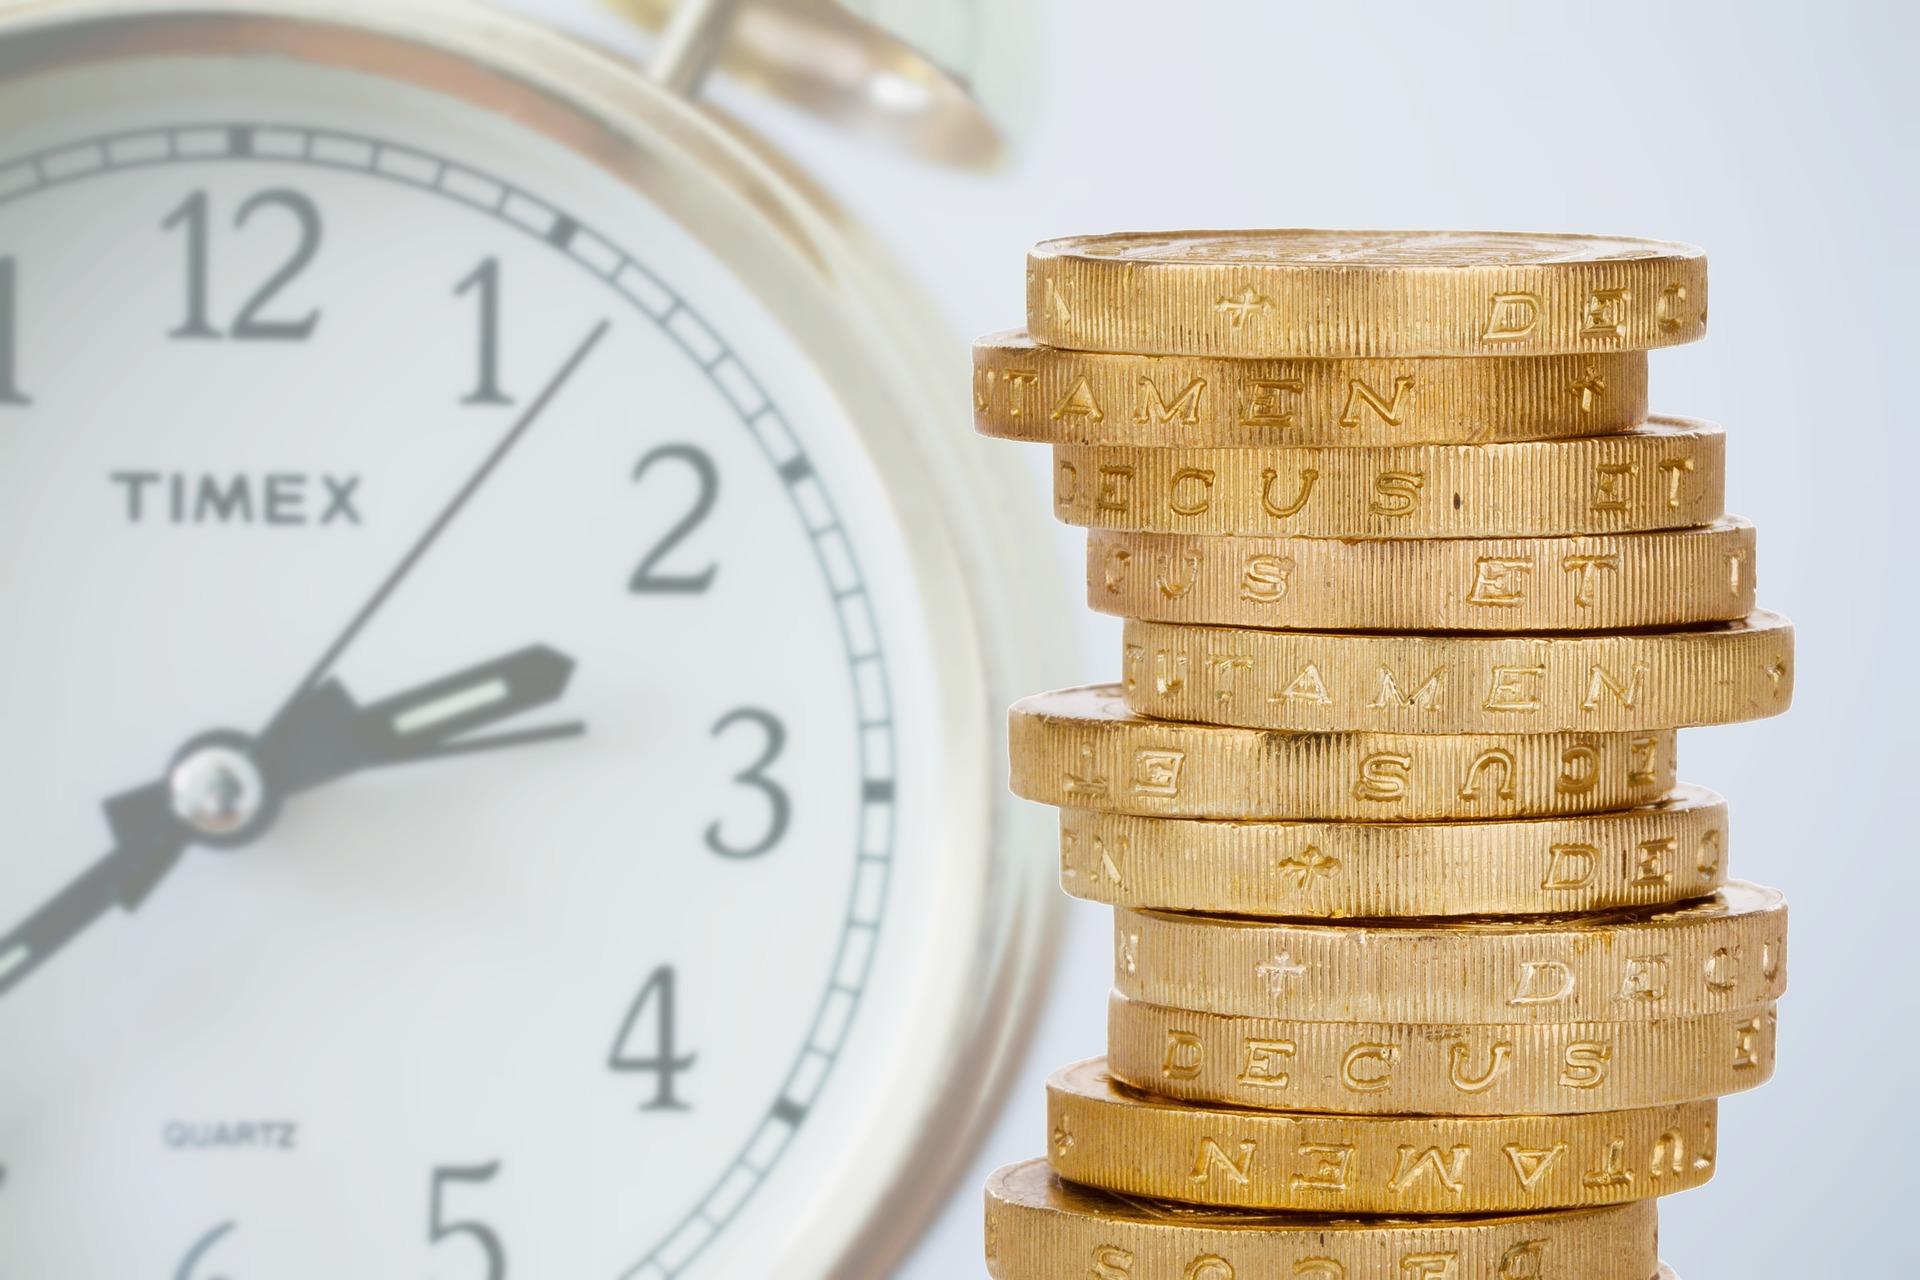 délai de restitution du dépôt de garantie